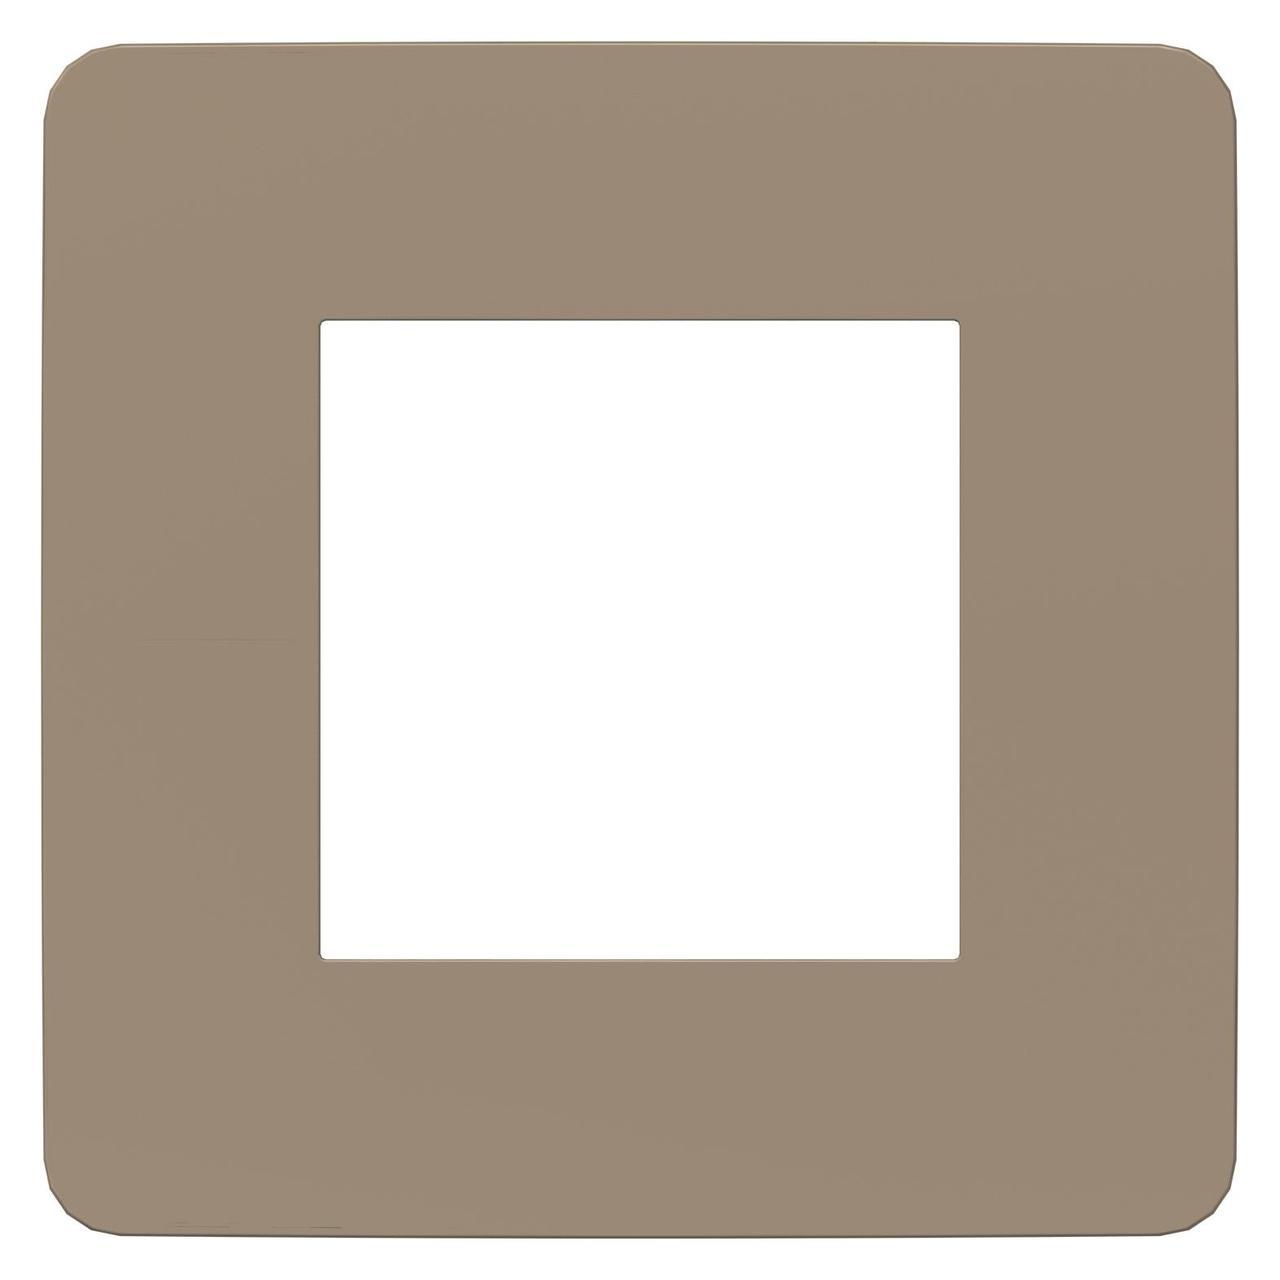 Рамка 1-ая (одинарная), Песочный/Бежевый, серия Unica Studio, Schneider Electric